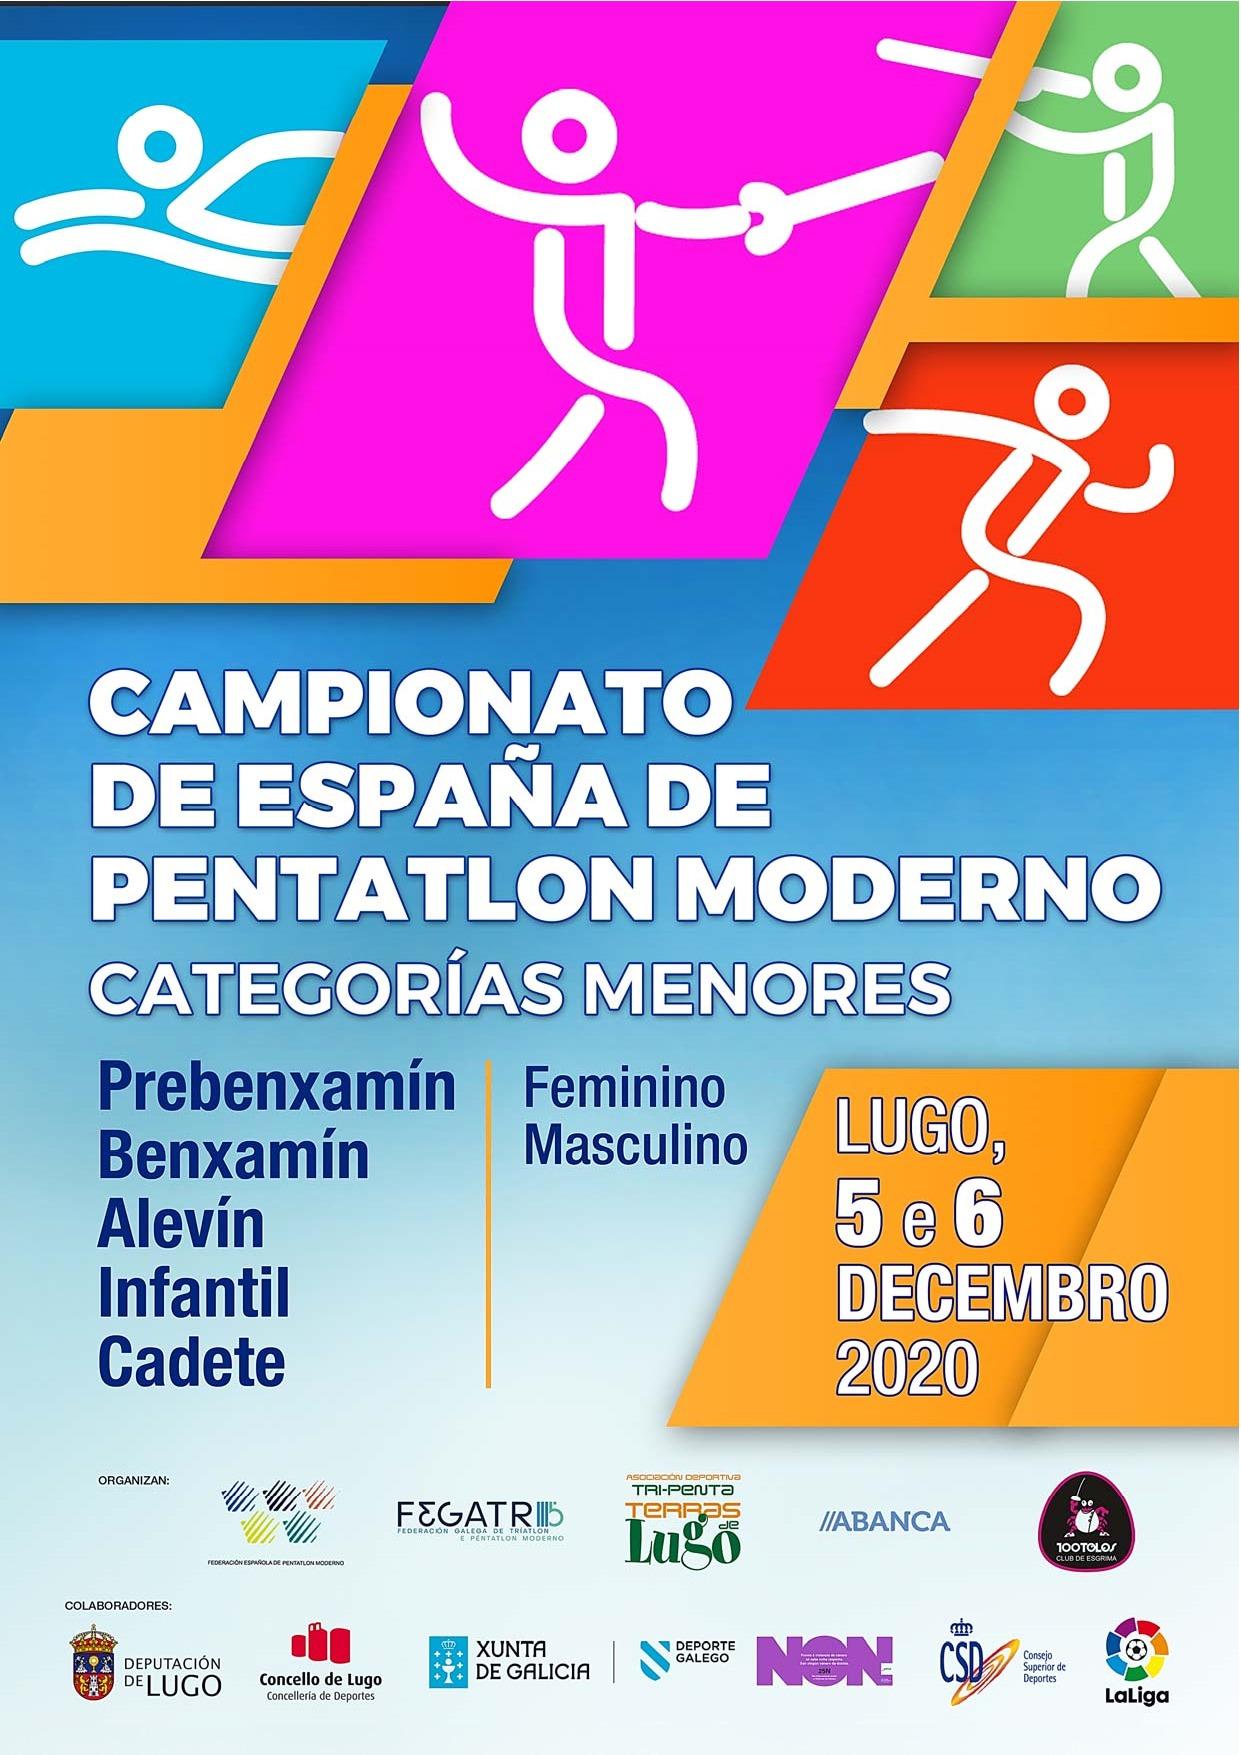 Campionato de España de Pentatlon Moderno